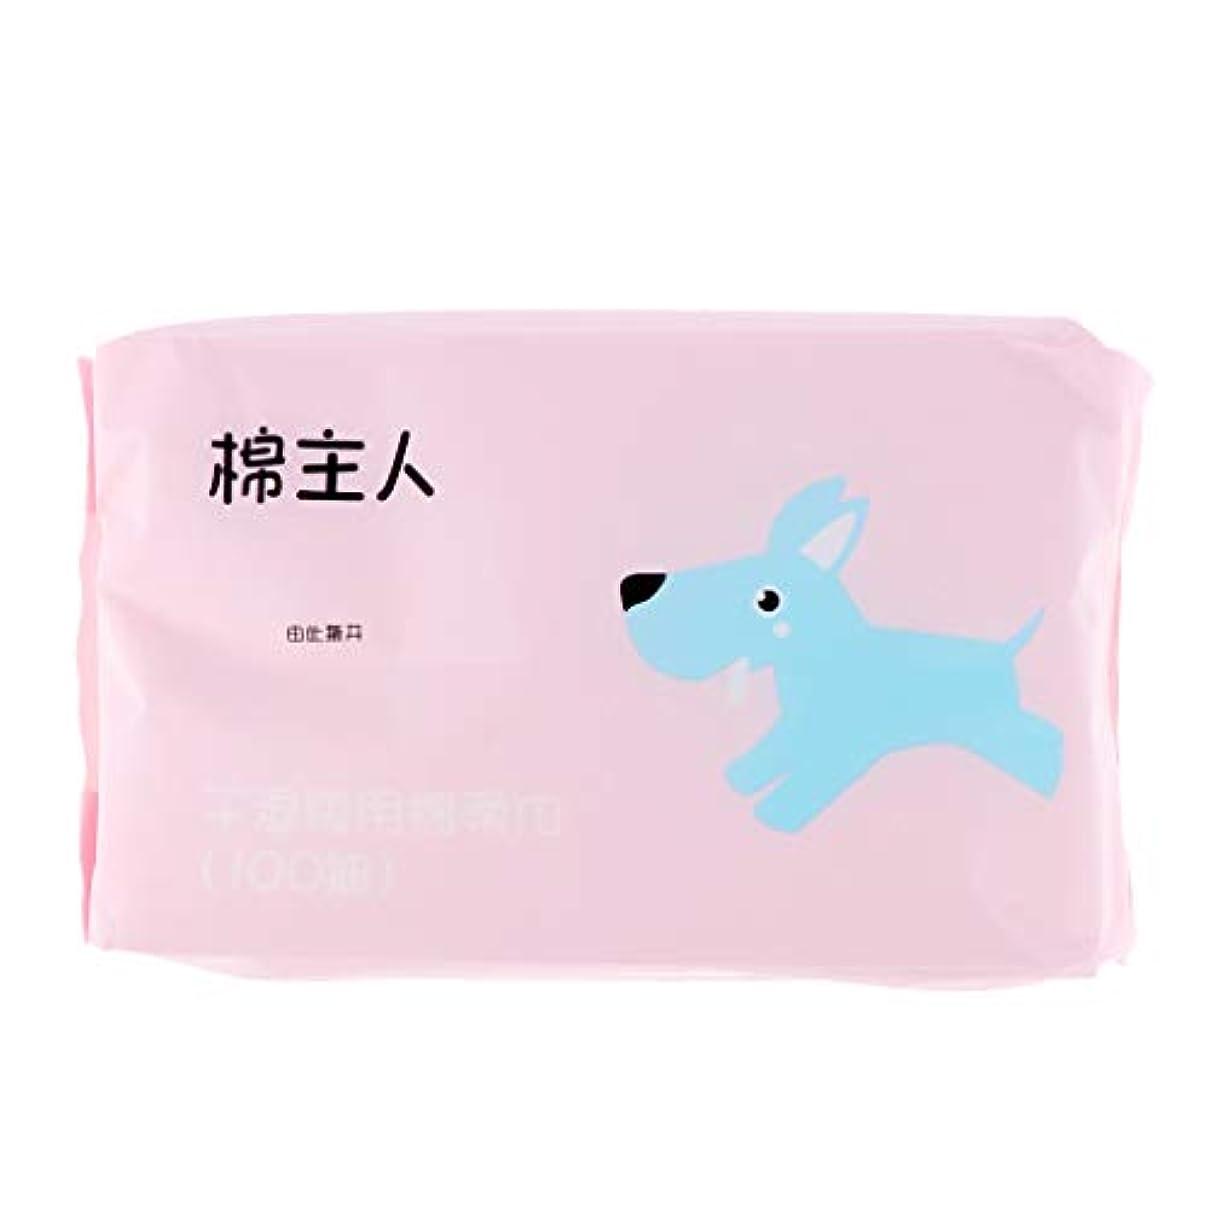 症候群ぞっとするような含む約100枚 使い捨て クレンジングシート メイク落とし 化粧品 ソフト 2色選べ - ピンク